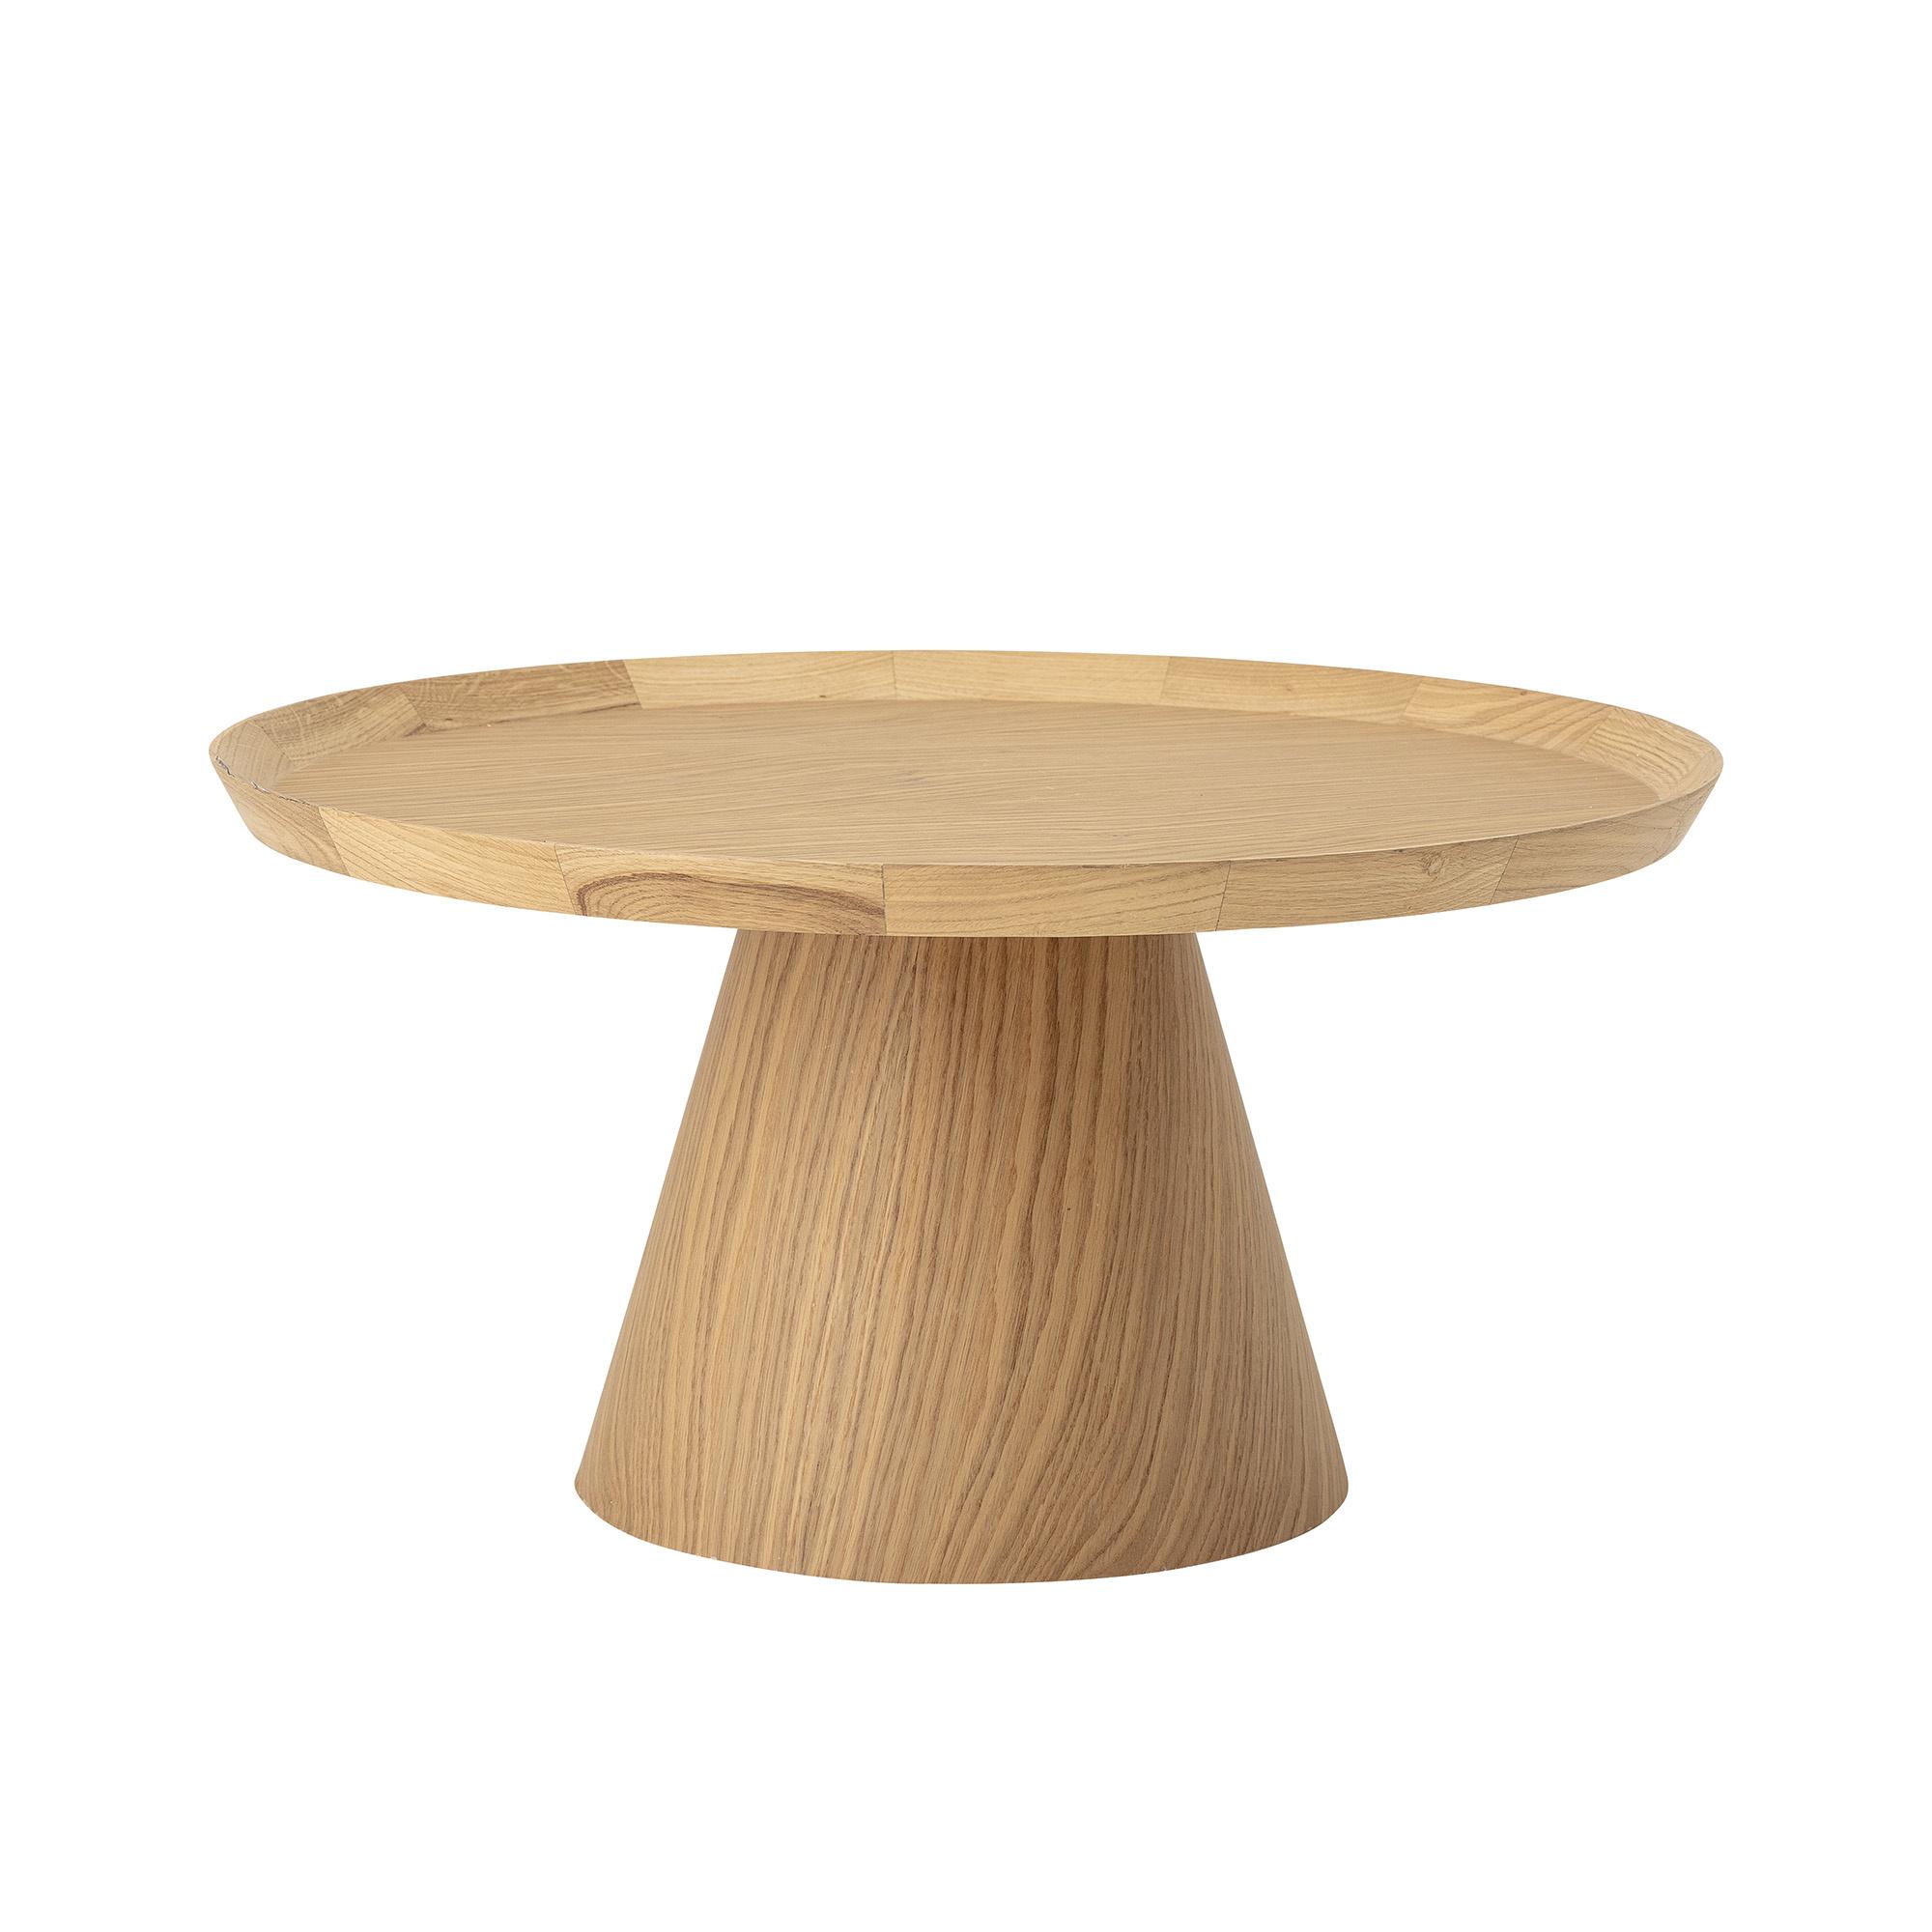 Bloomingville Table à café ronde Scandinave Luana - Roble - Ø74xh37cm - Bloomingville